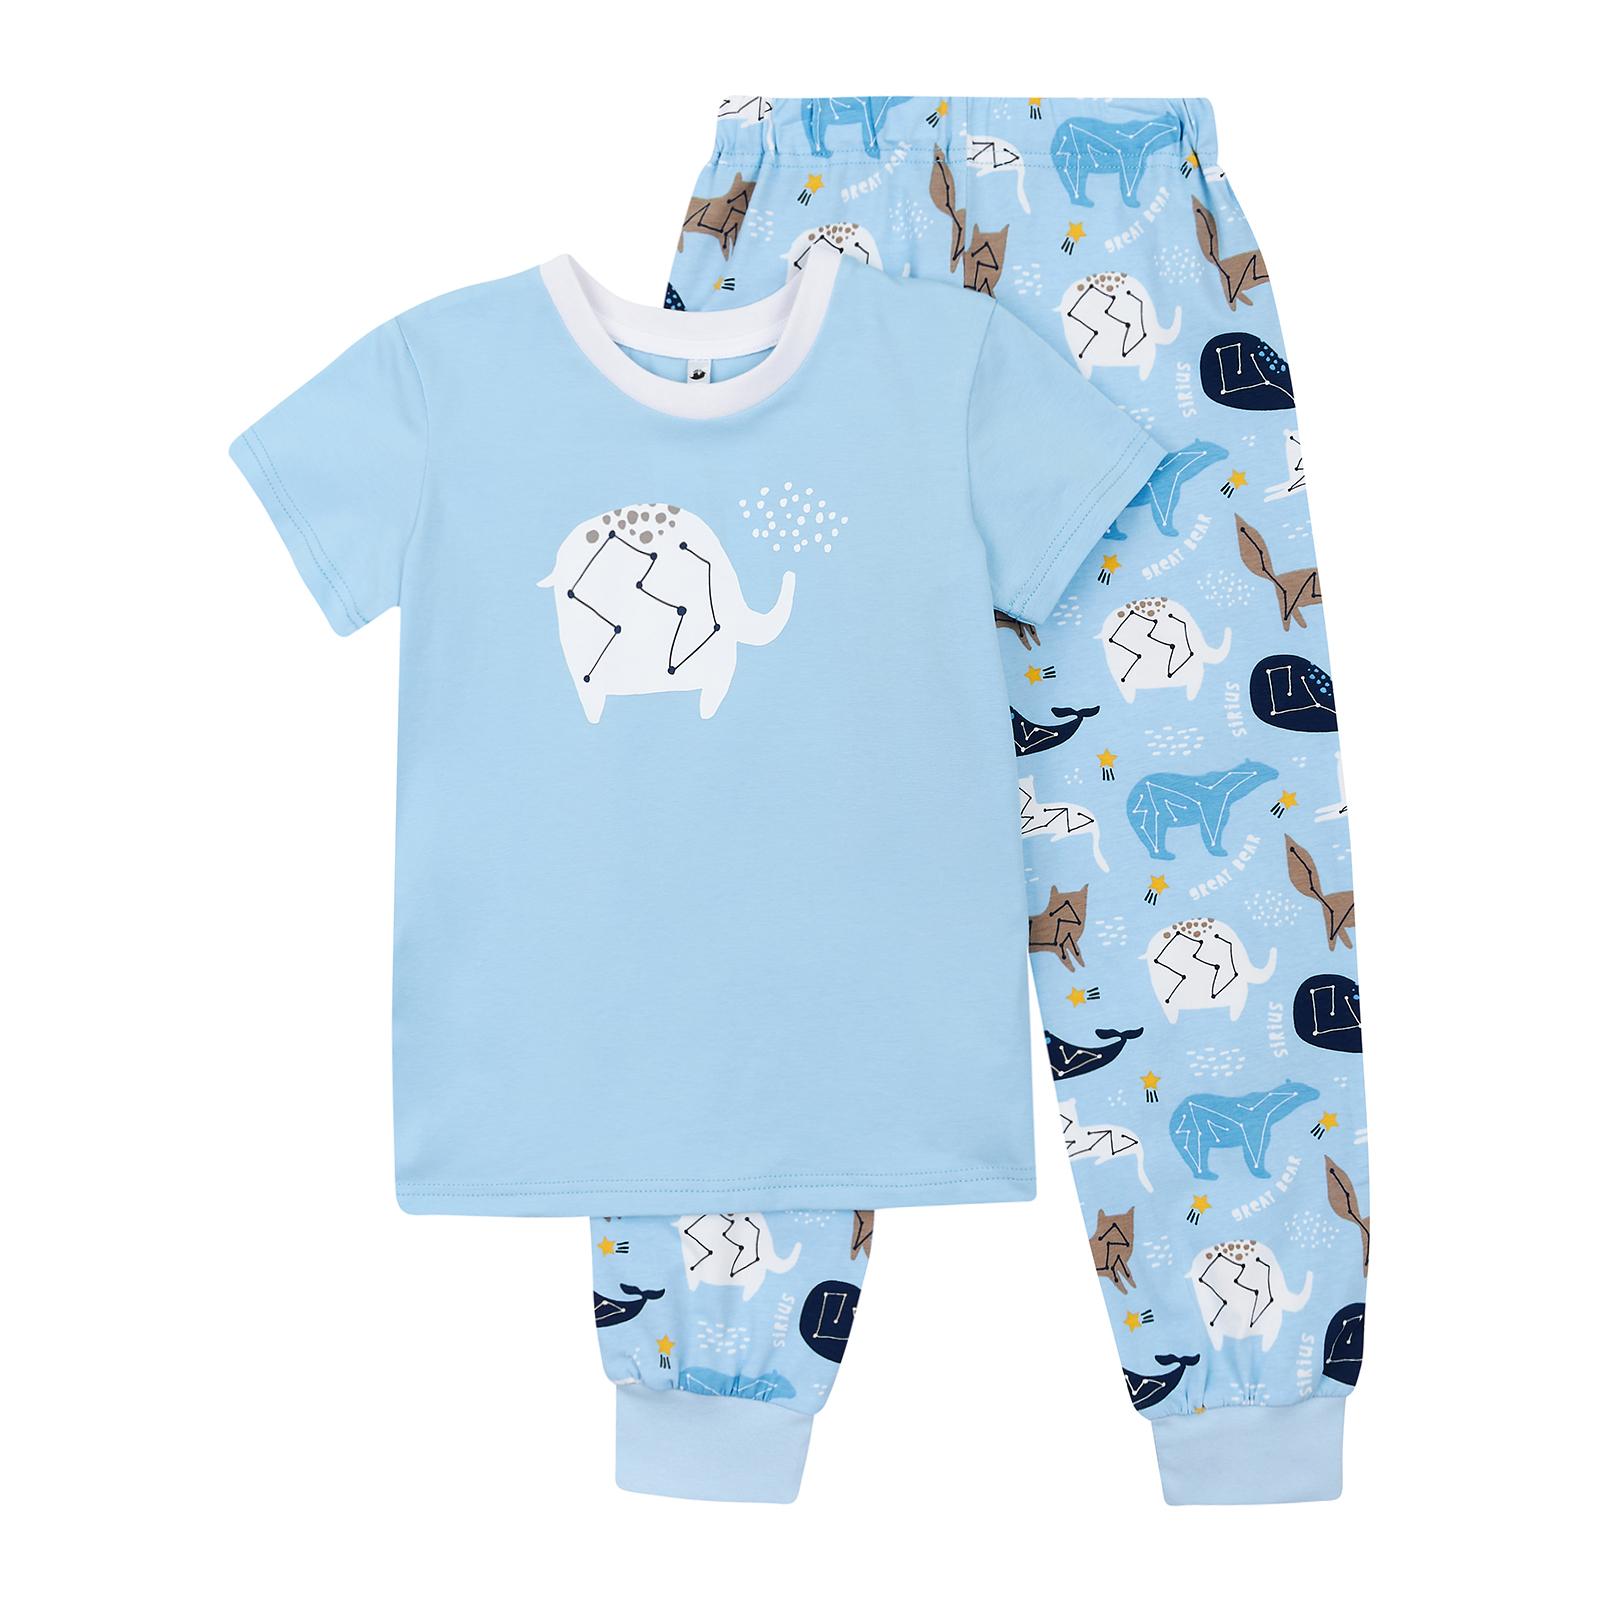 Пижама детские Garnamama модель 2EI~99377-2 отзывы, 2017